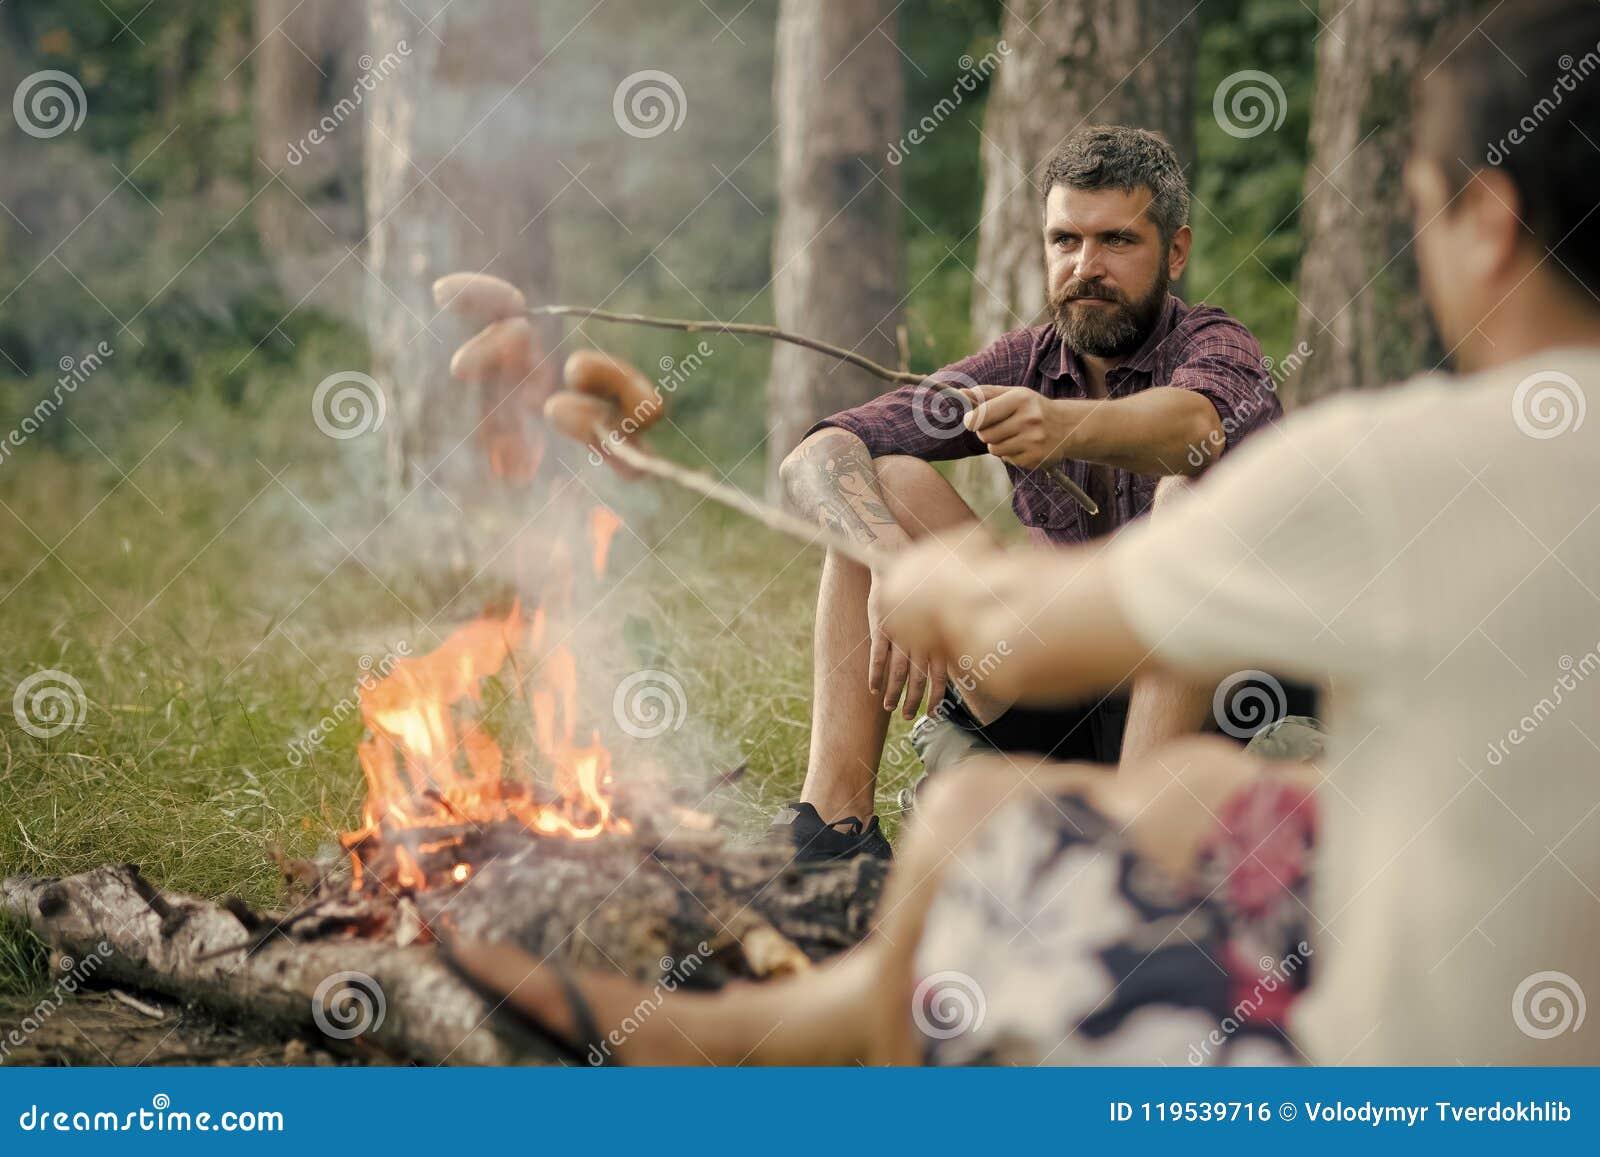 Sommar som campar och att fotvandra, semester Picknick grillfest och att laga mat matbegrepp